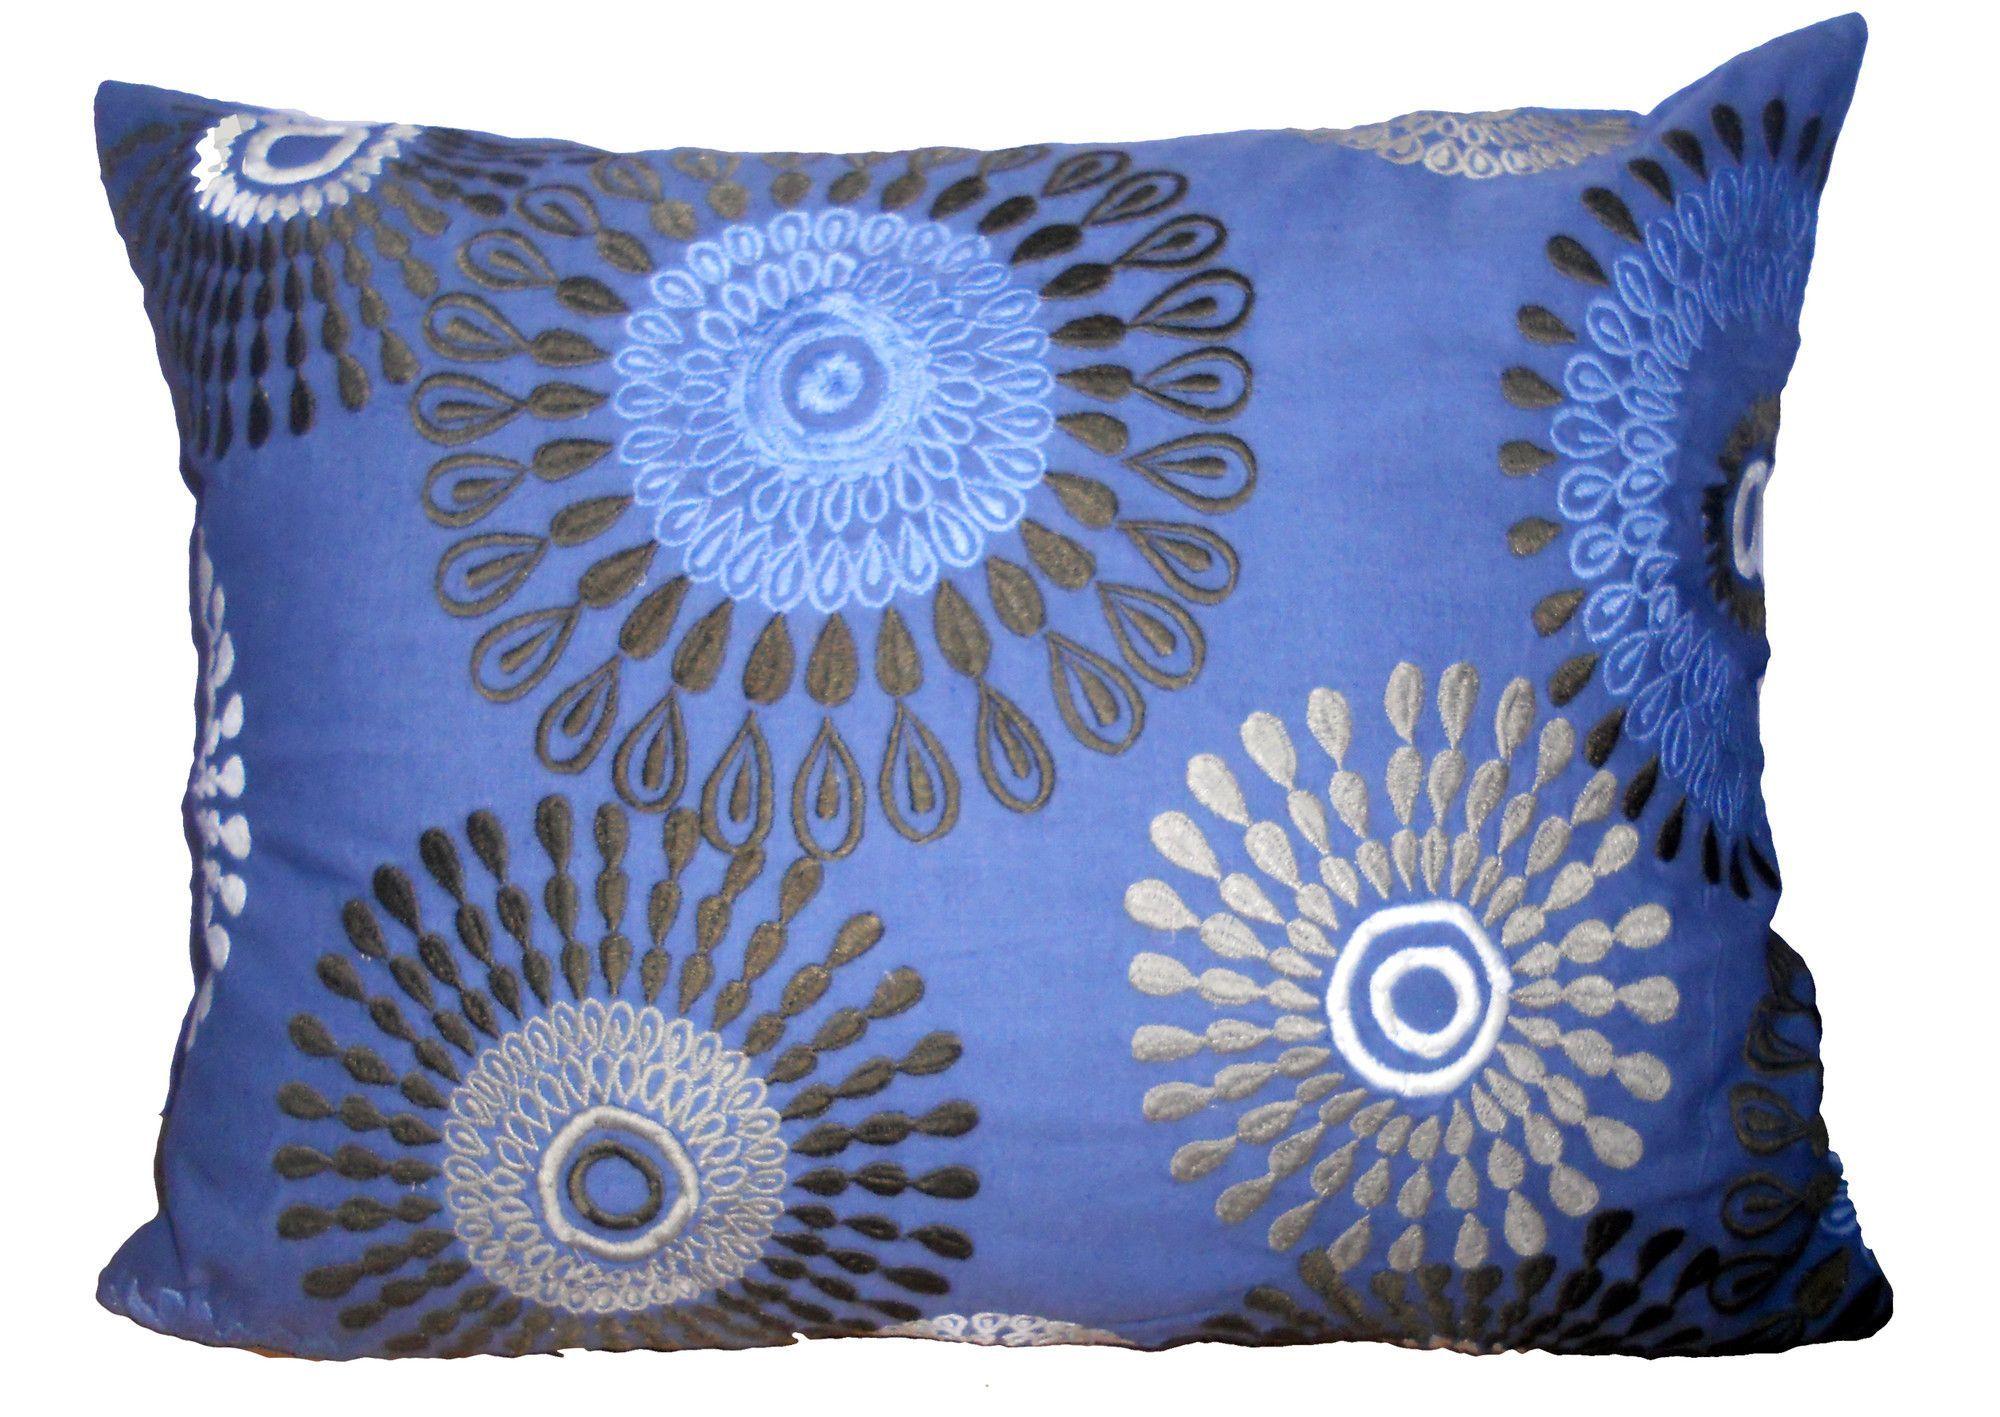 Kempton Embroidered Throw Pillow